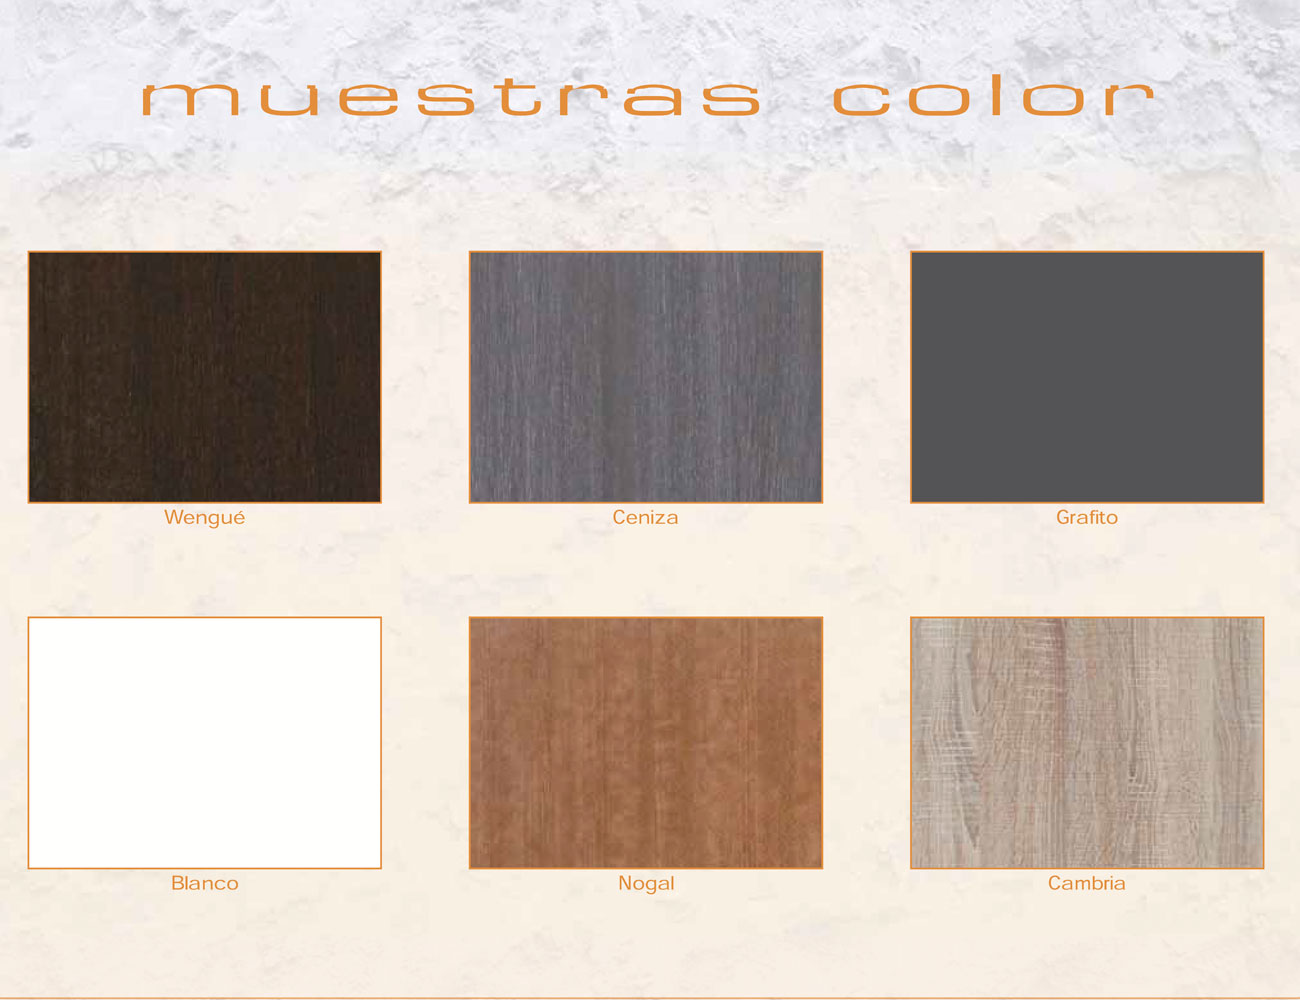 Muestras color muebles expo10